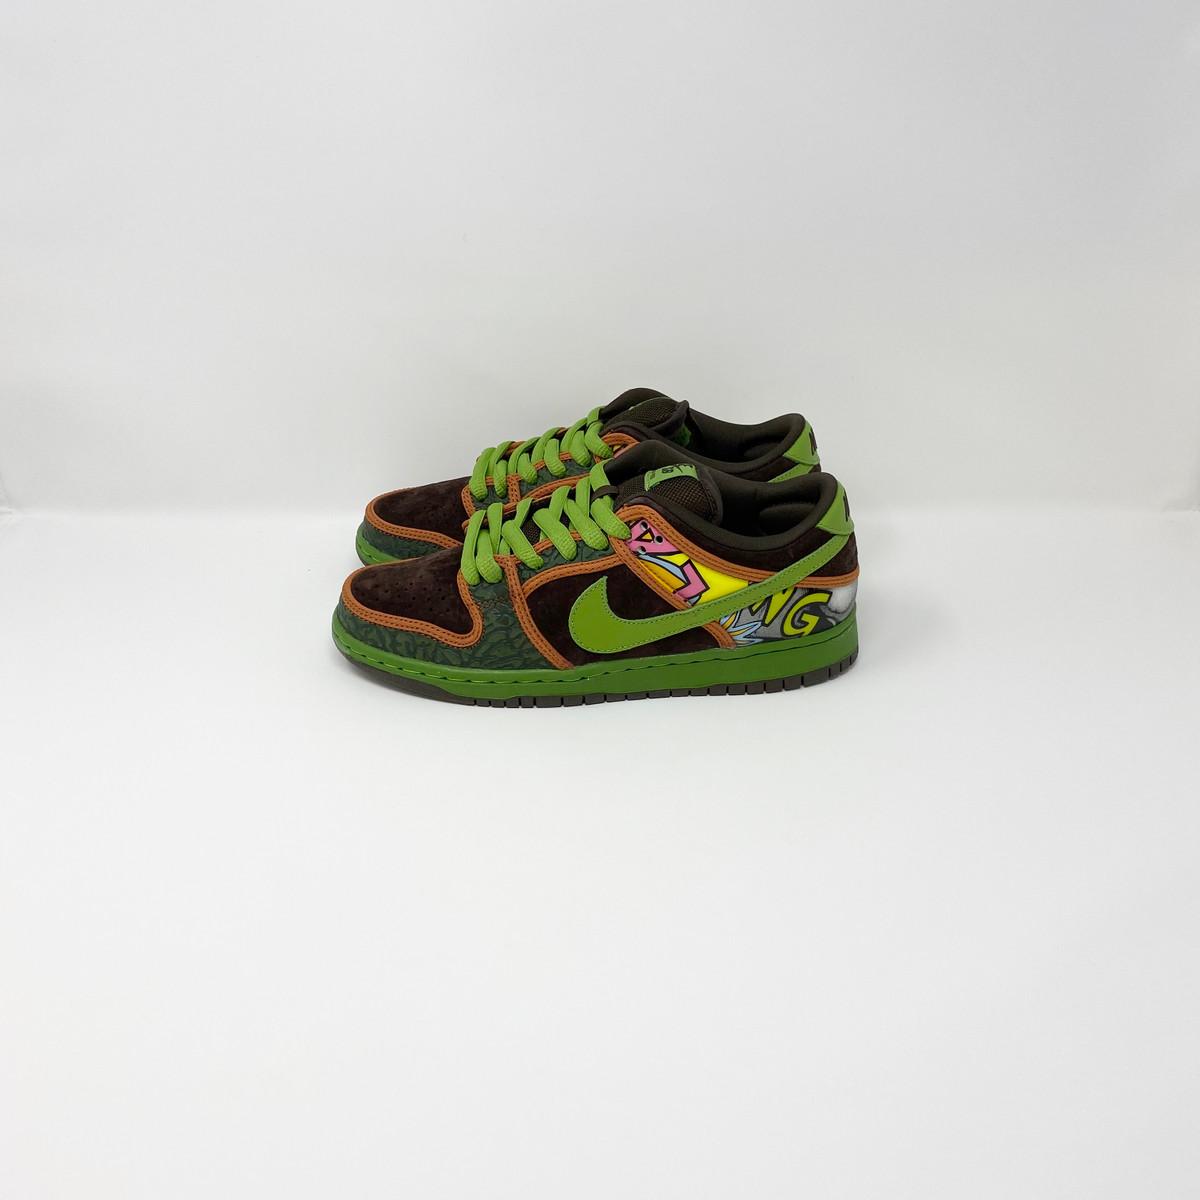 Nike Dunk Low PRM SB DeLaSoul (2015)